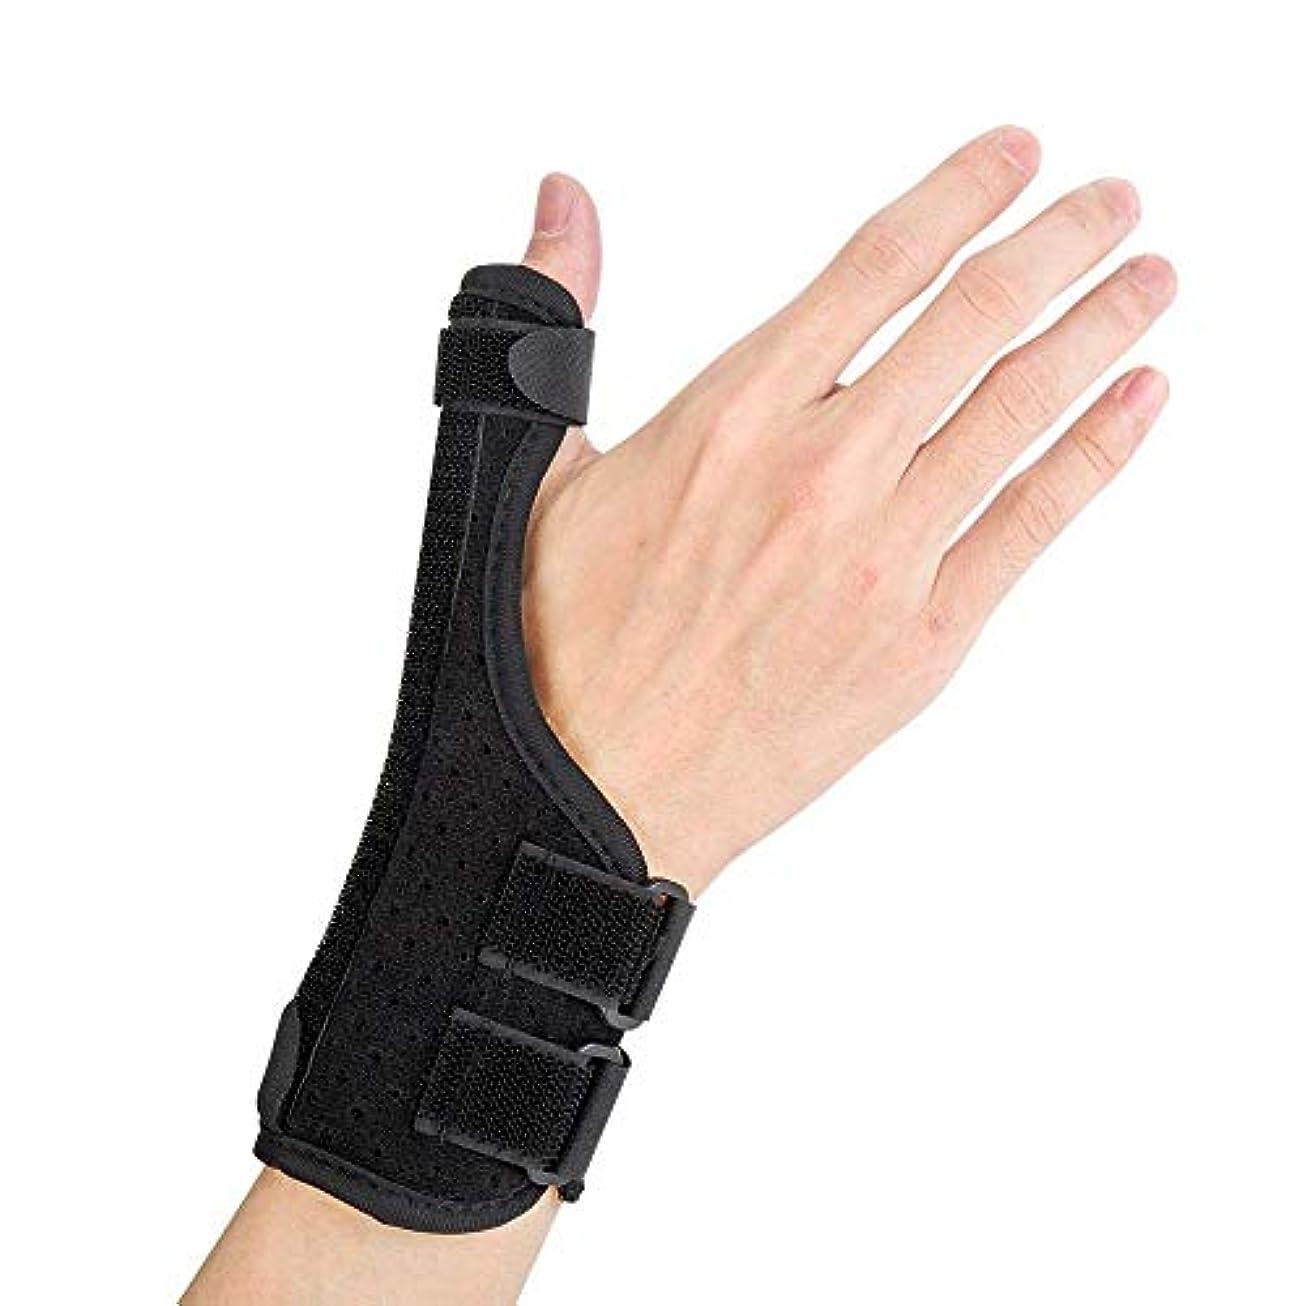 試み規則性結婚式親指の副木、関節炎、腱炎、手根管の痛みの緩和に適しています。手首、指、親指スタビライザー、軽量で通気性、サイズ調節可能